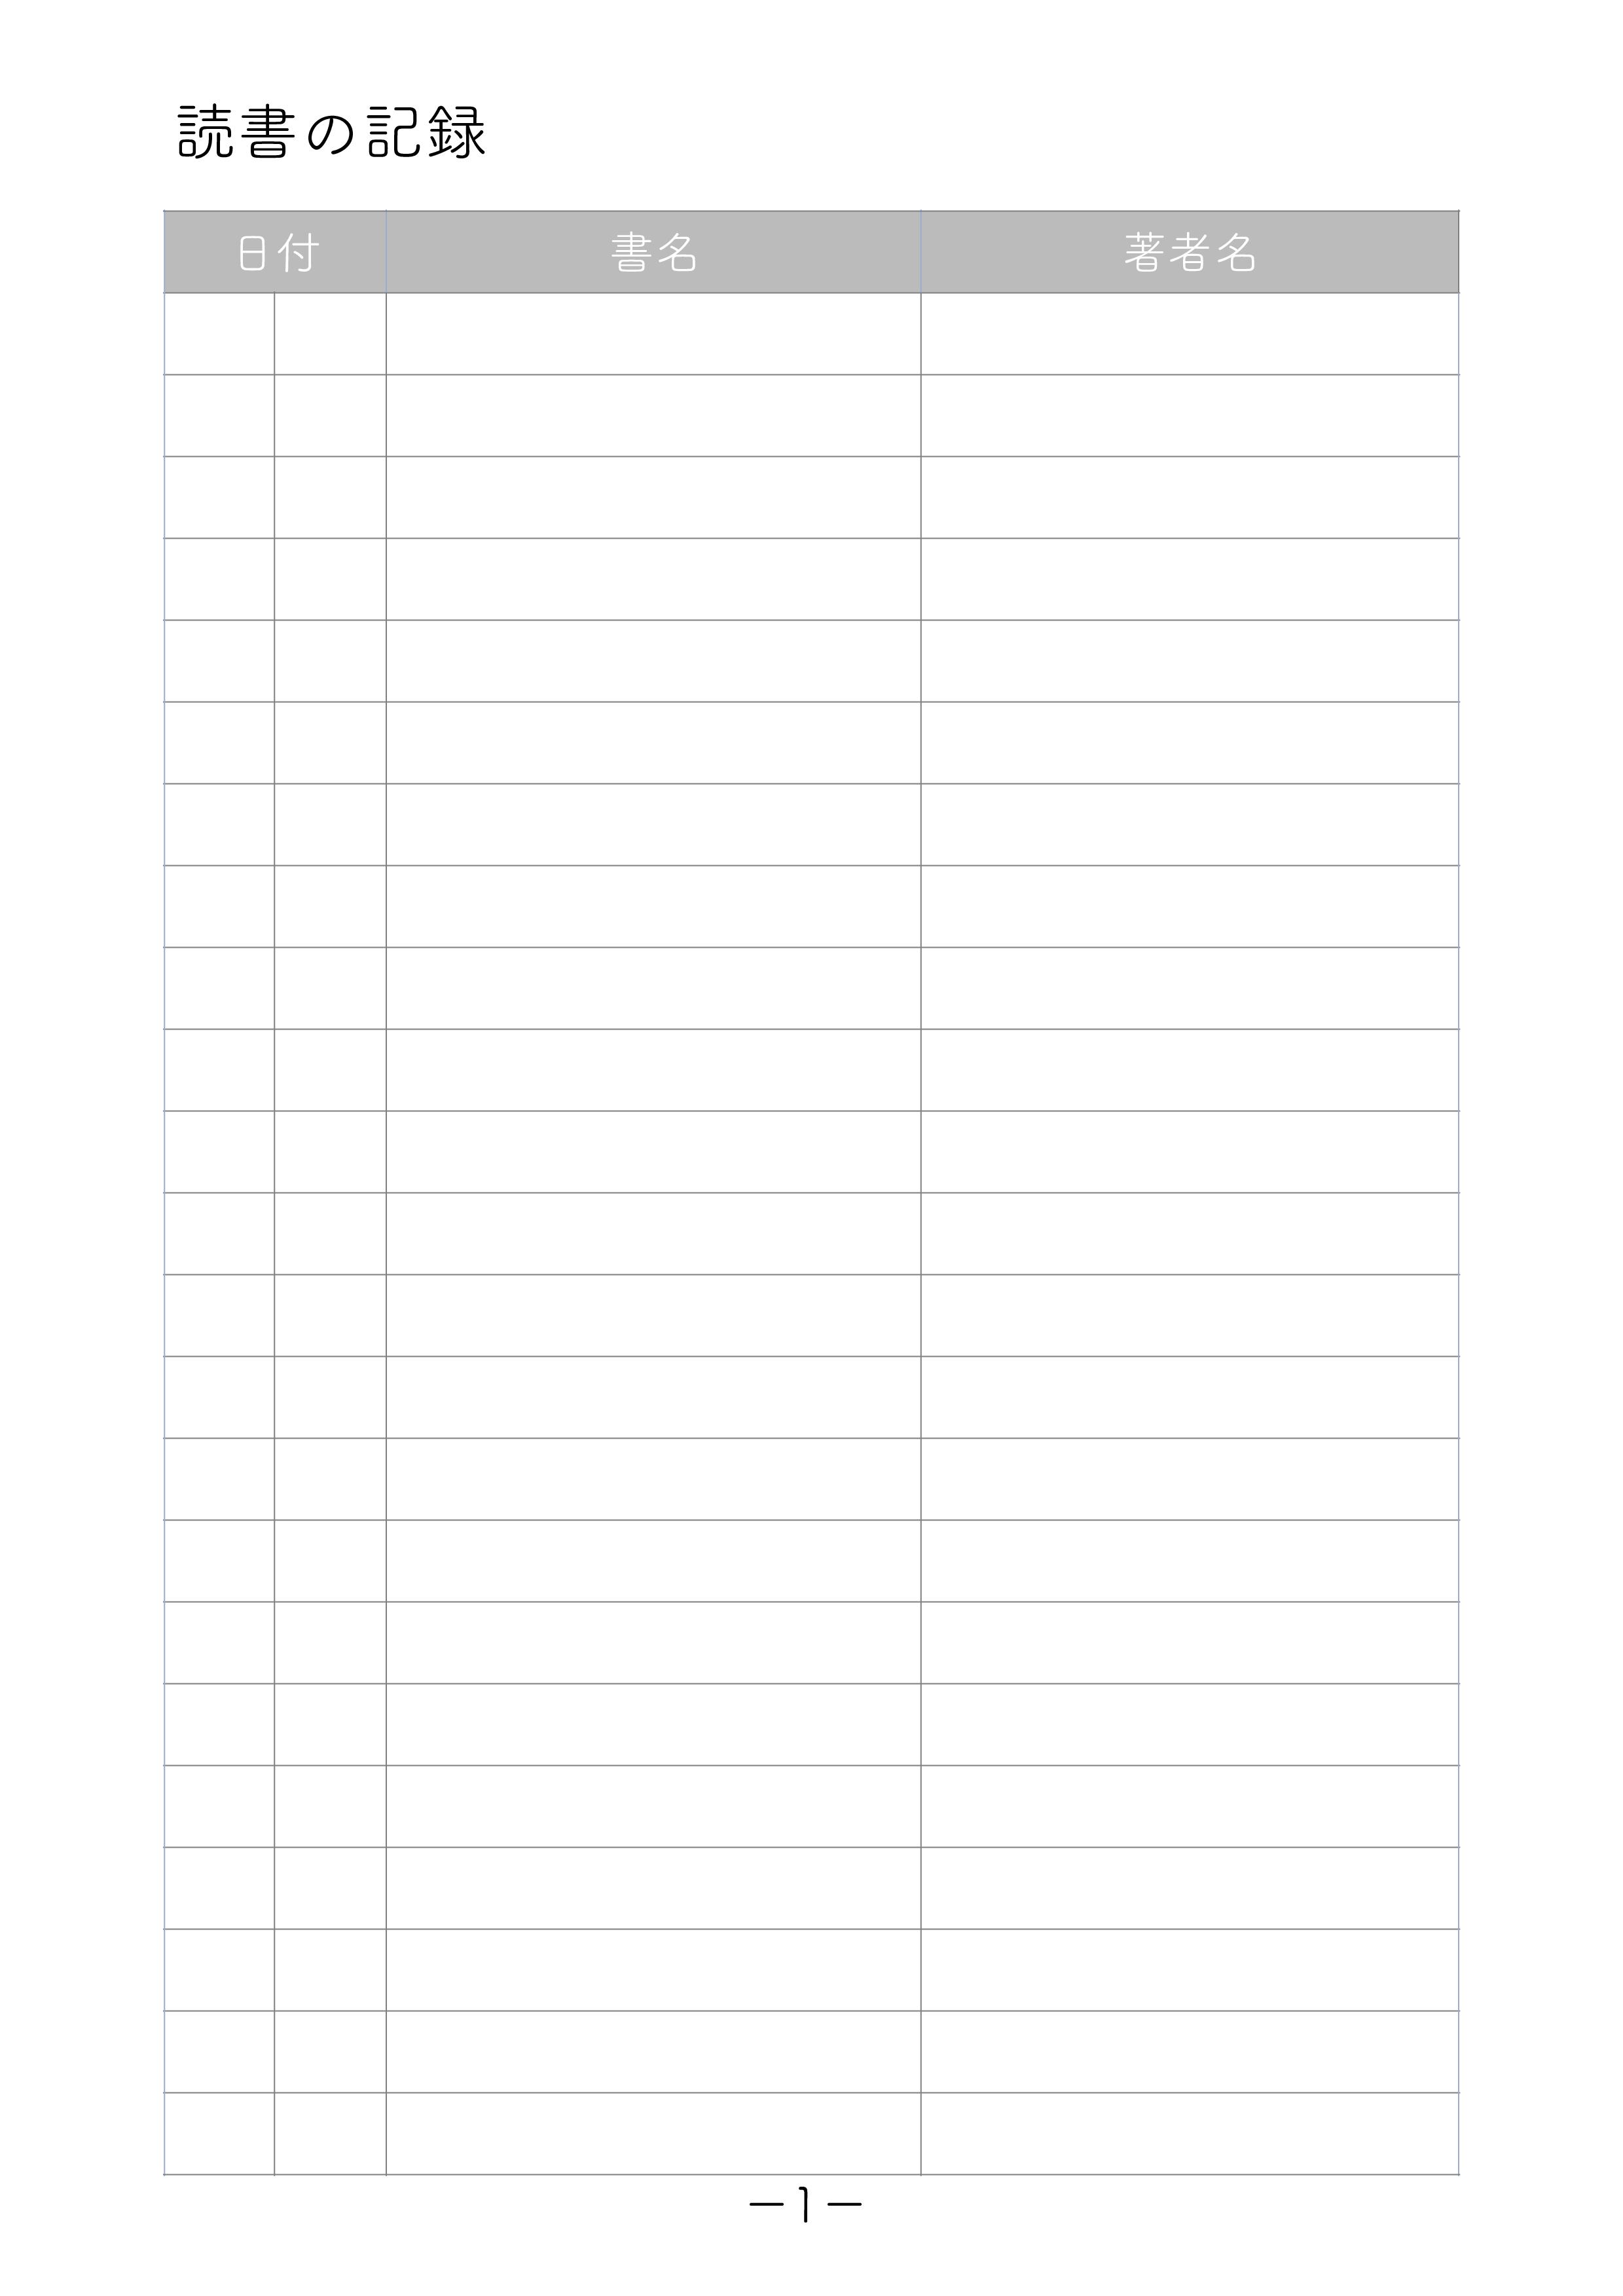 読書カード テンプレート(ワード・ページズ)日付,書名,著者名のみ